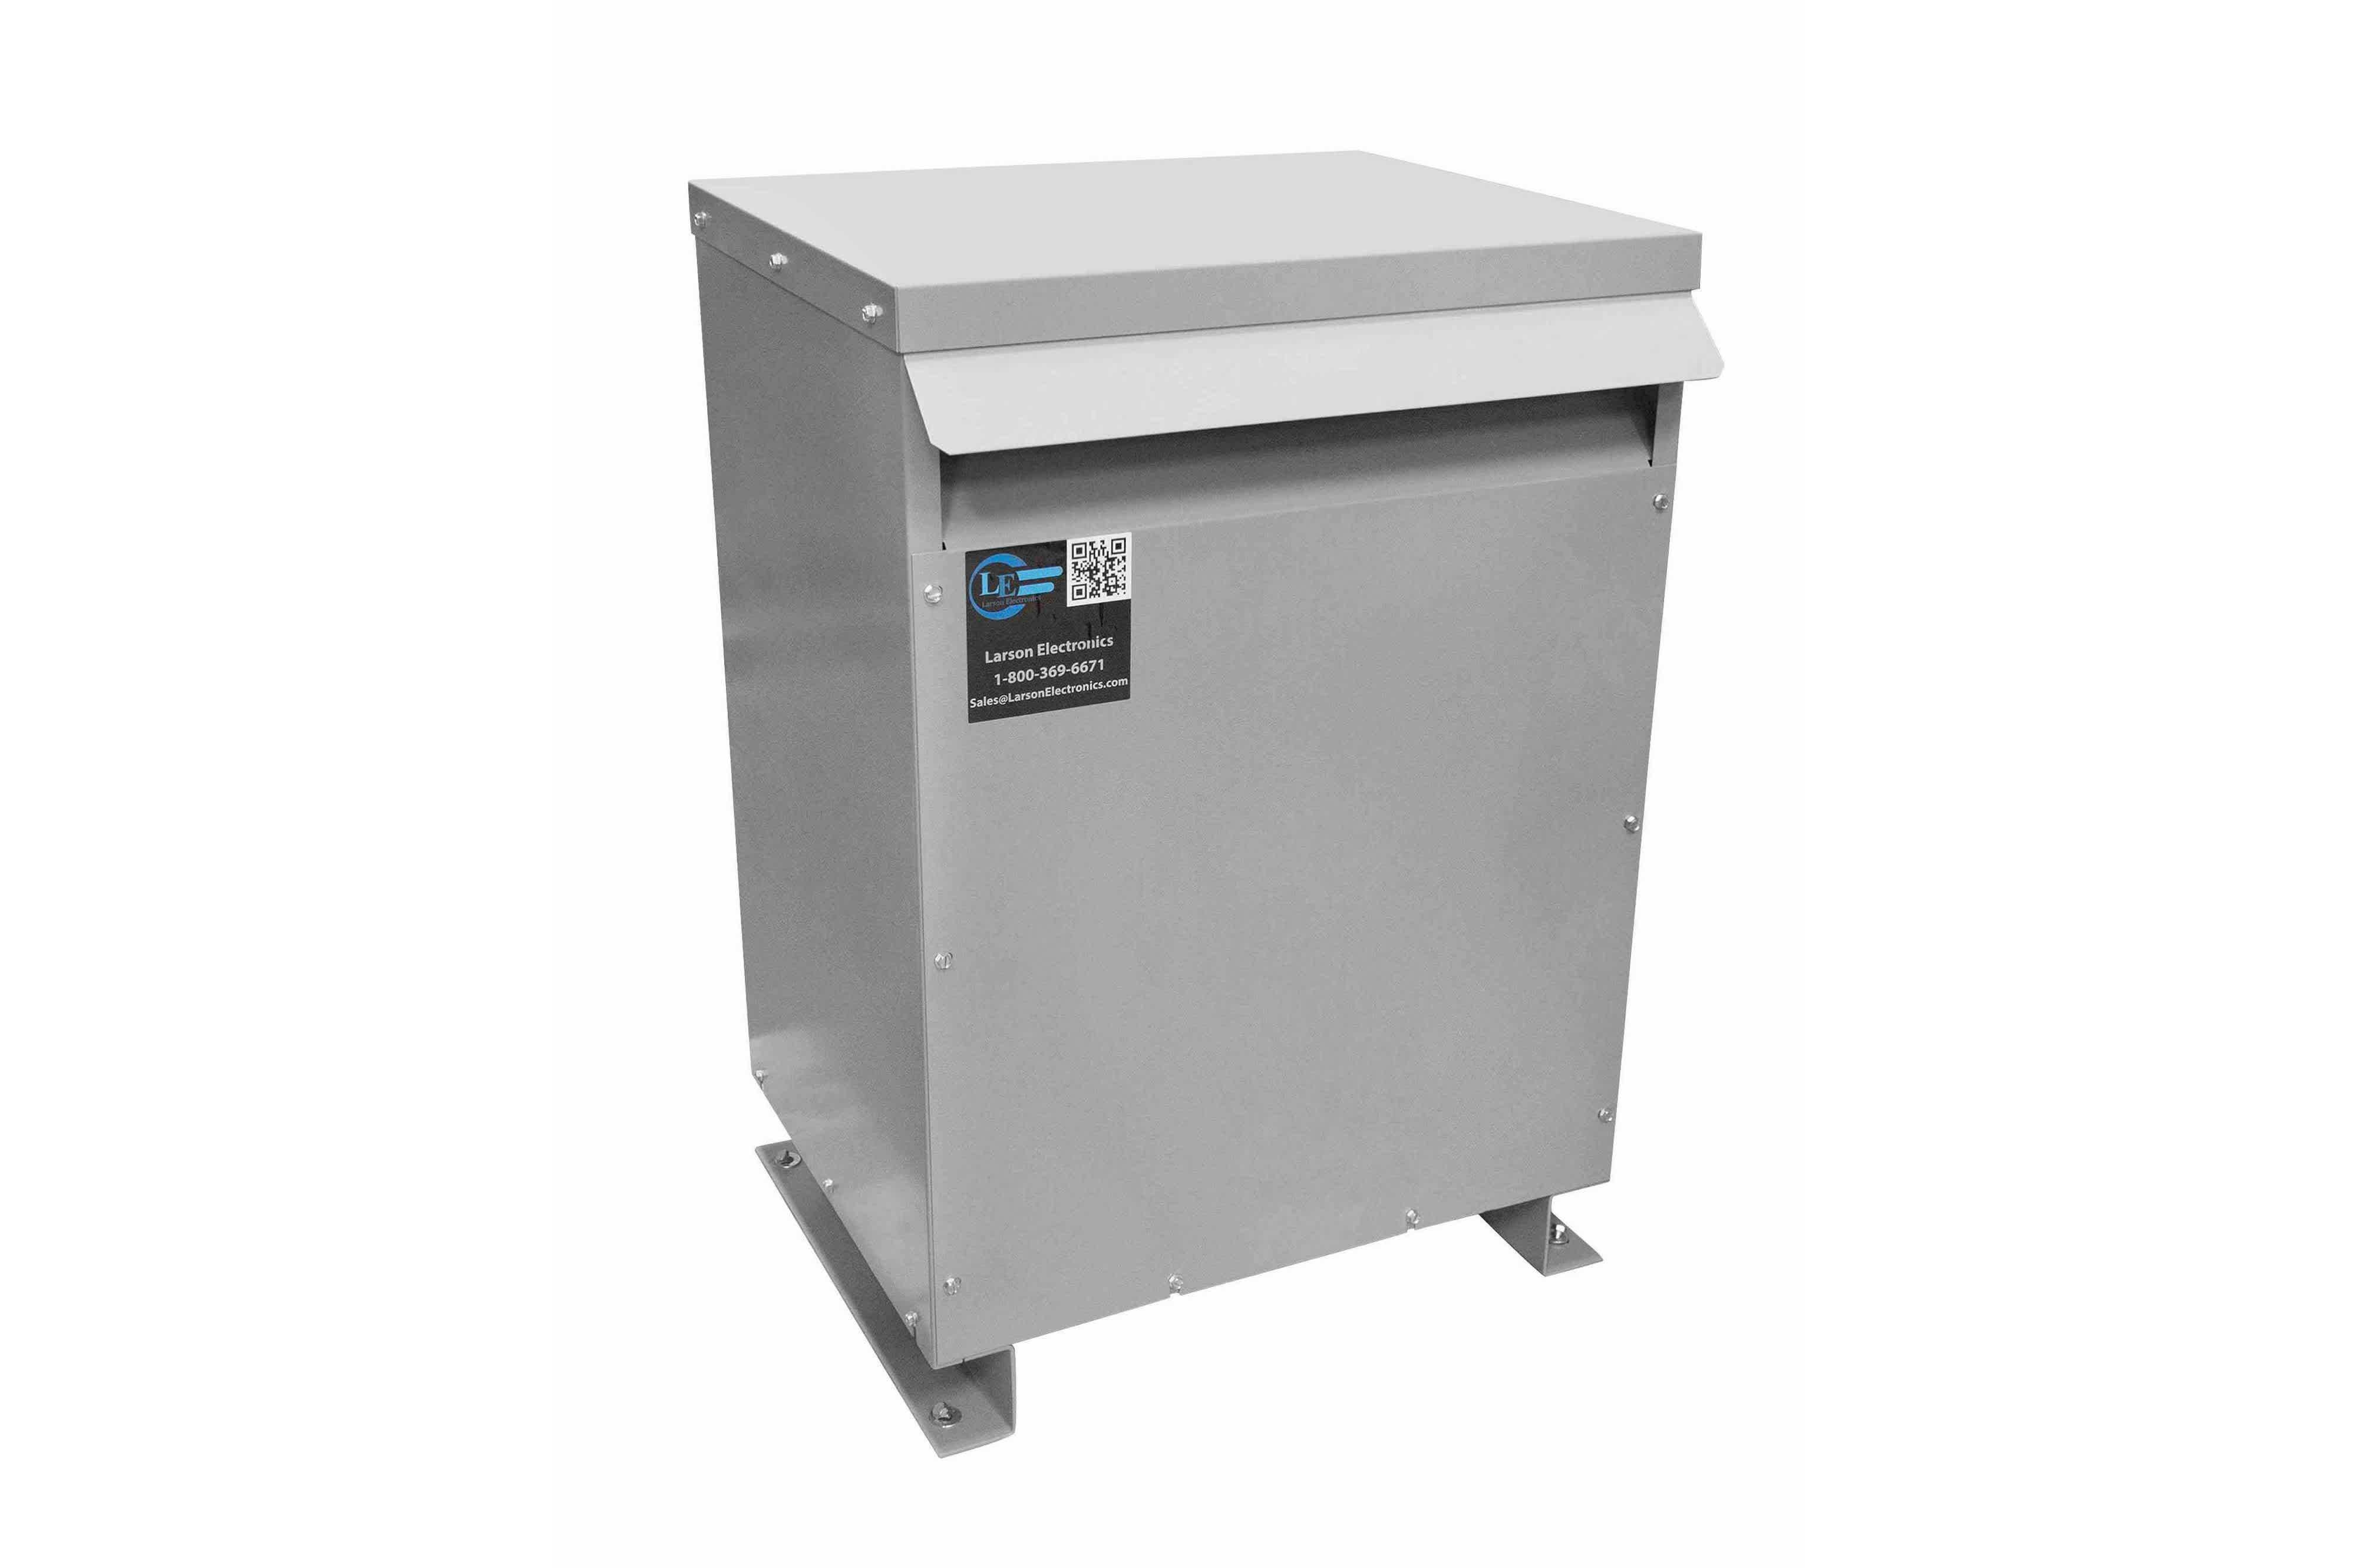 37.5 kVA 3PH Isolation Transformer, 575V Delta Primary, 208V Delta Secondary, N3R, Ventilated, 60 Hz